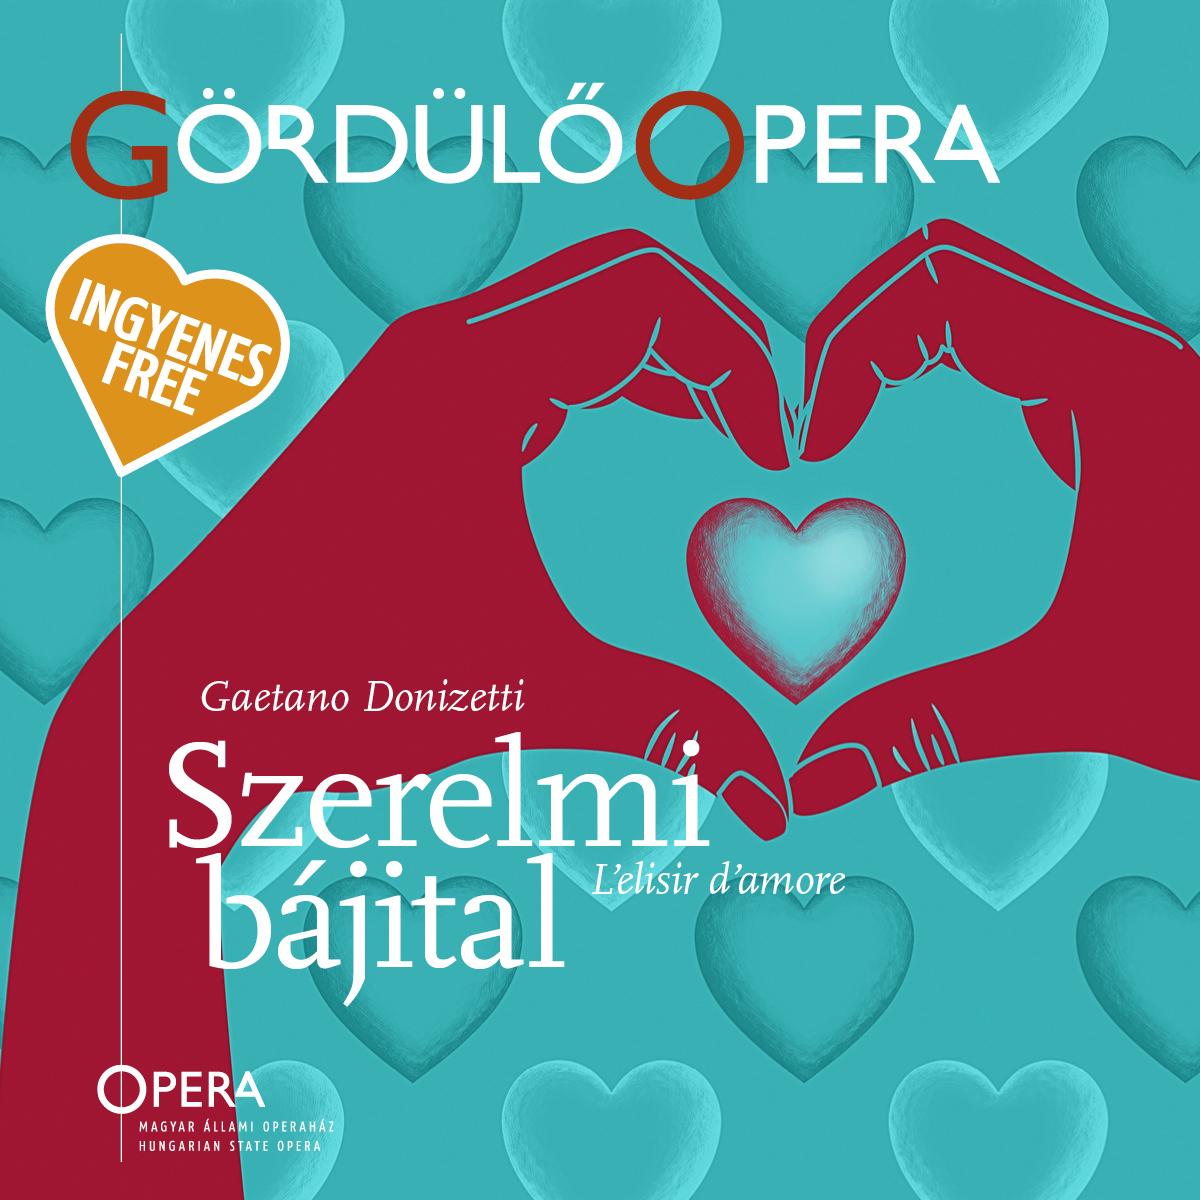 Őszi Sokadalom 2018: Kézdivásárhelyen vendégszerepel a Magyar Állami Operaház